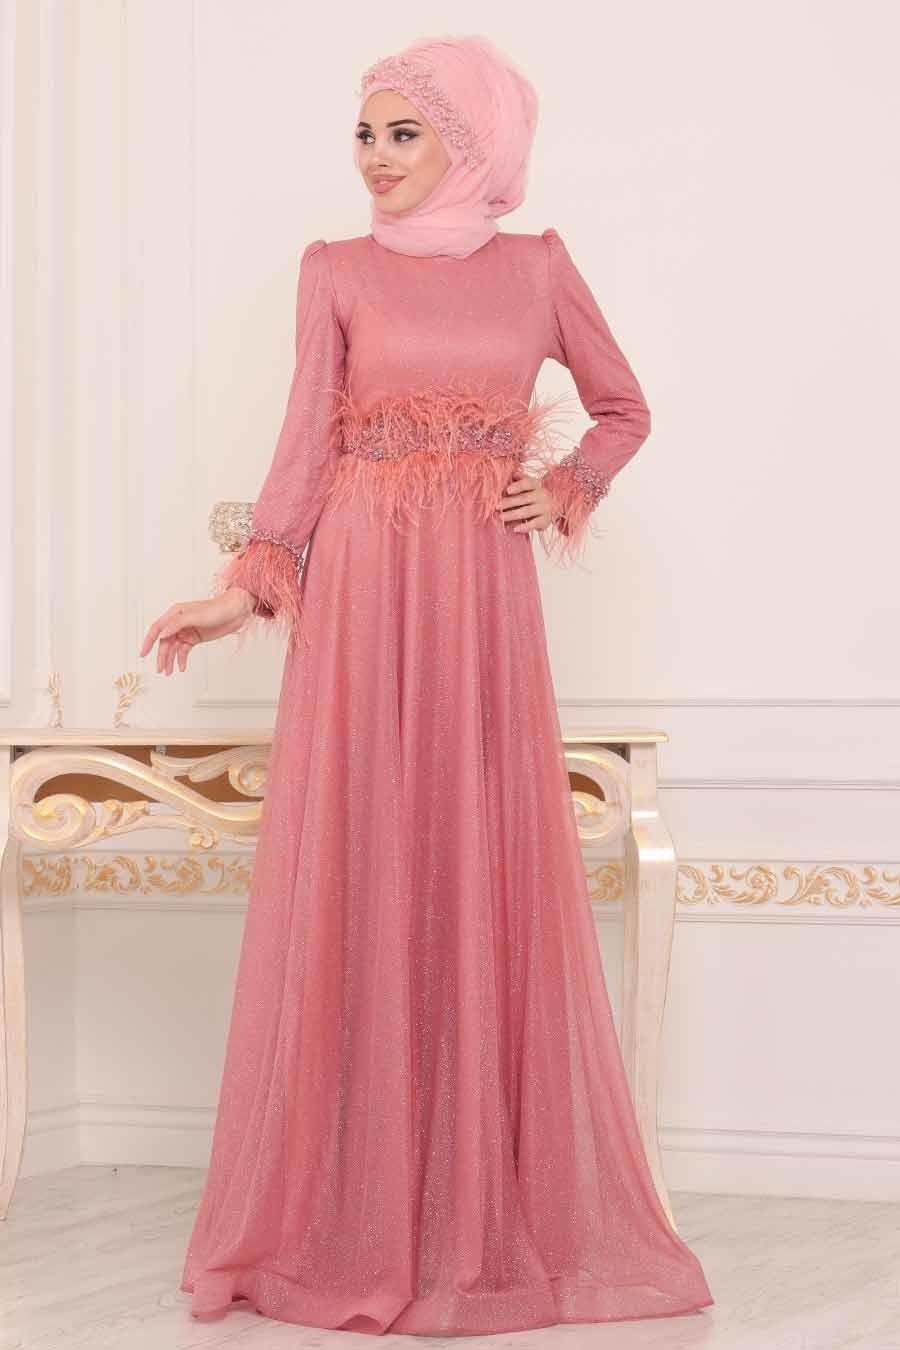 Tesetturlu Abiye Elbise Puskullu Gul Kurusu Tesettur Abiye Elbise 3934gk Tesetturisland Com The Dress Elbise Payet Elbise